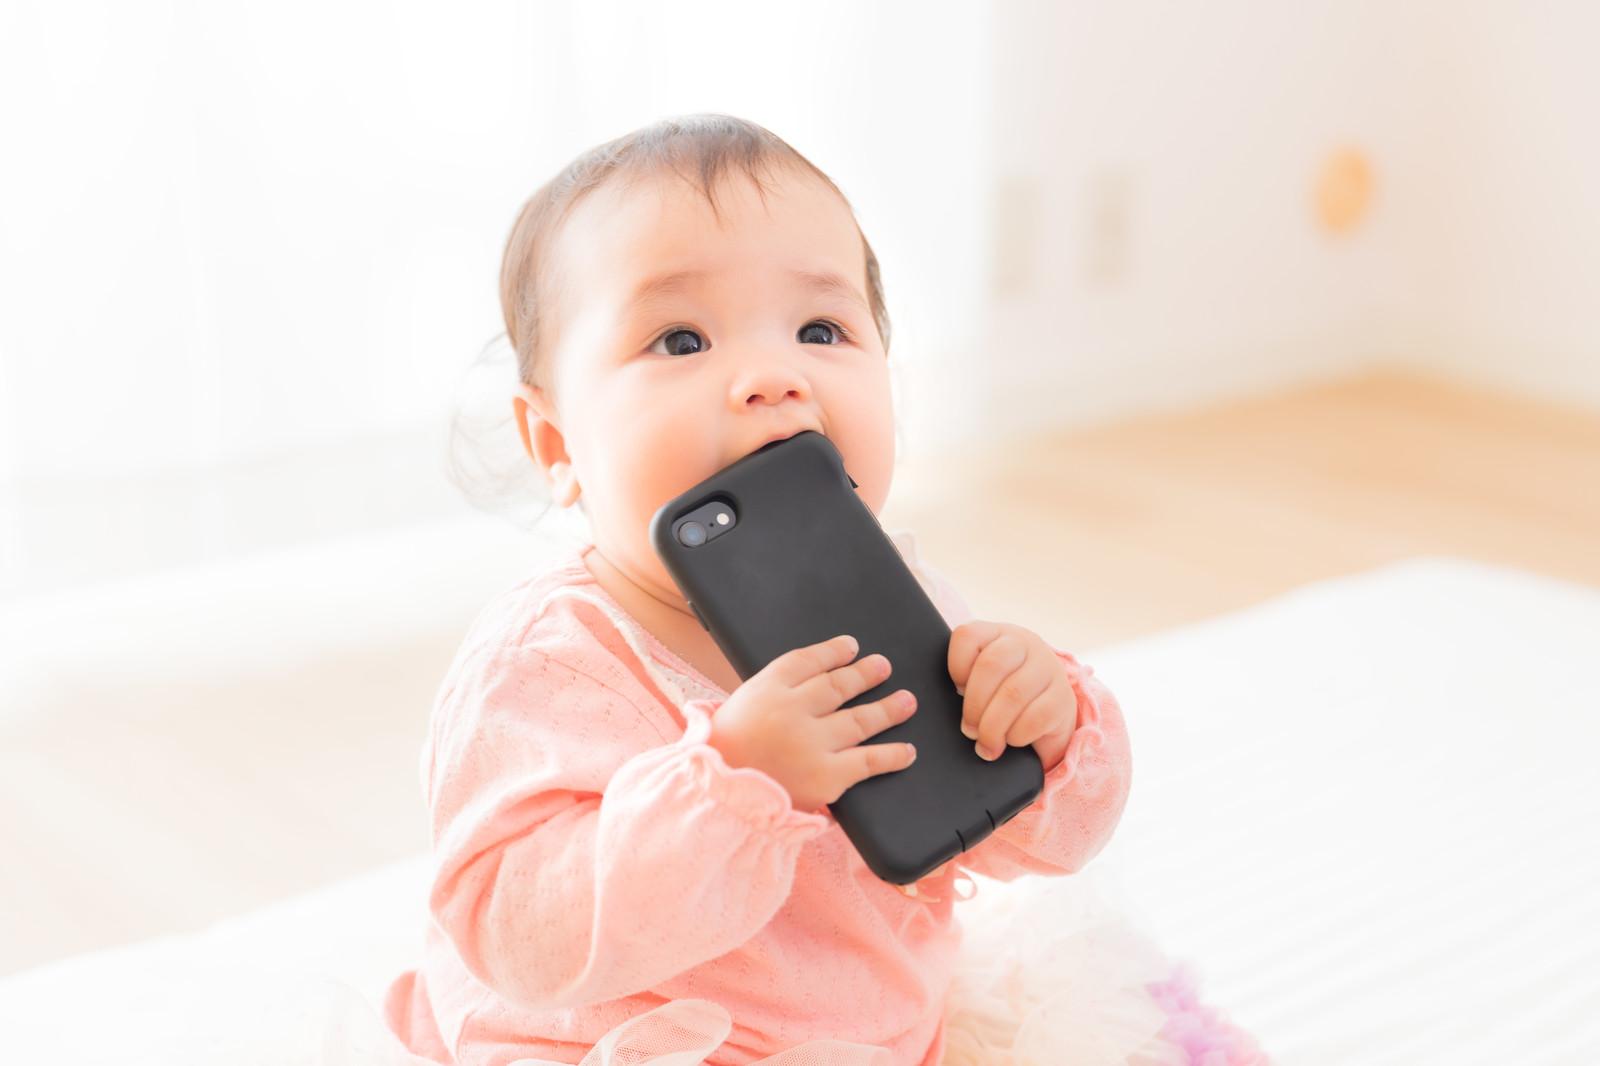 「スマートフォンを口に入れてしまう赤ちゃん」の写真[モデル:めぐな]